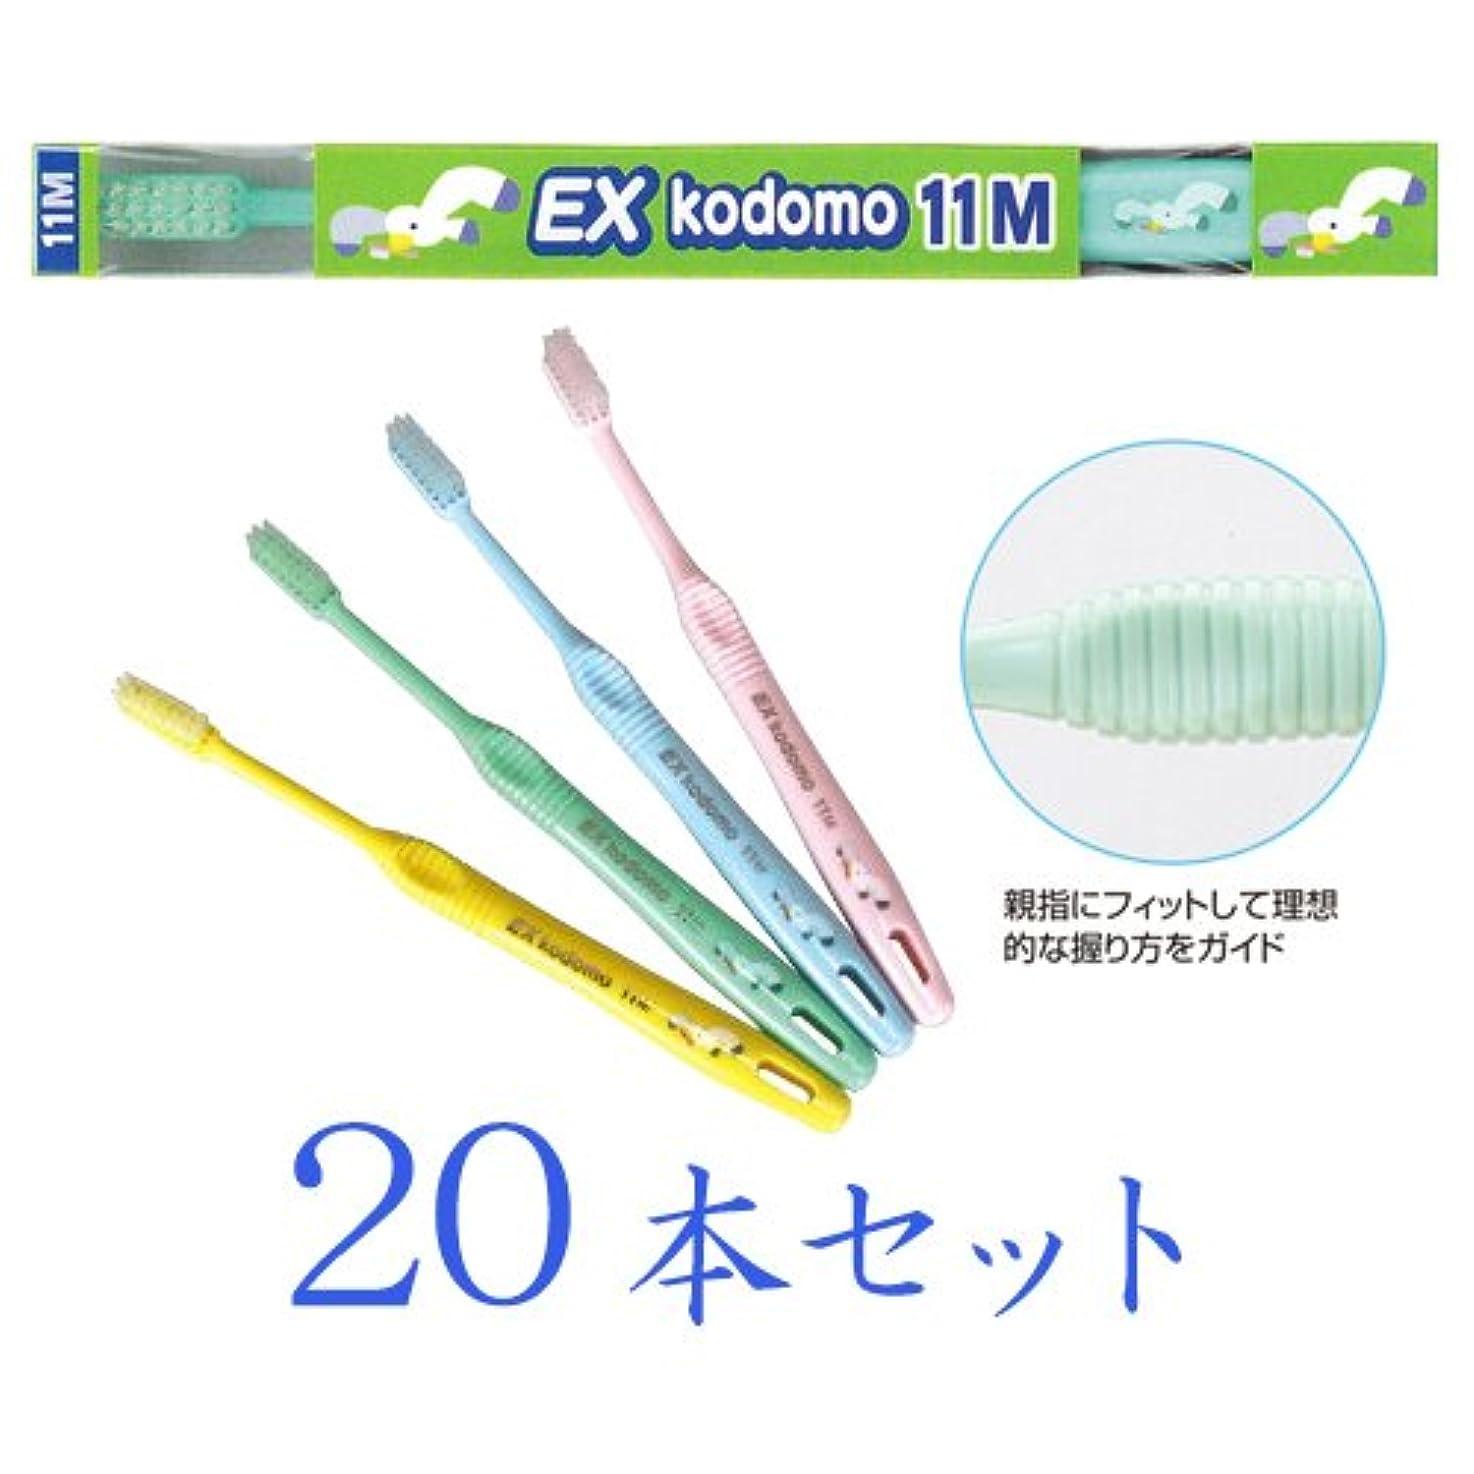 成長ステップ意見ライオン DENT.EX コドモ歯ブラシ 20本入 11M(混合歯列後期用?8~12歳)(カモメ)